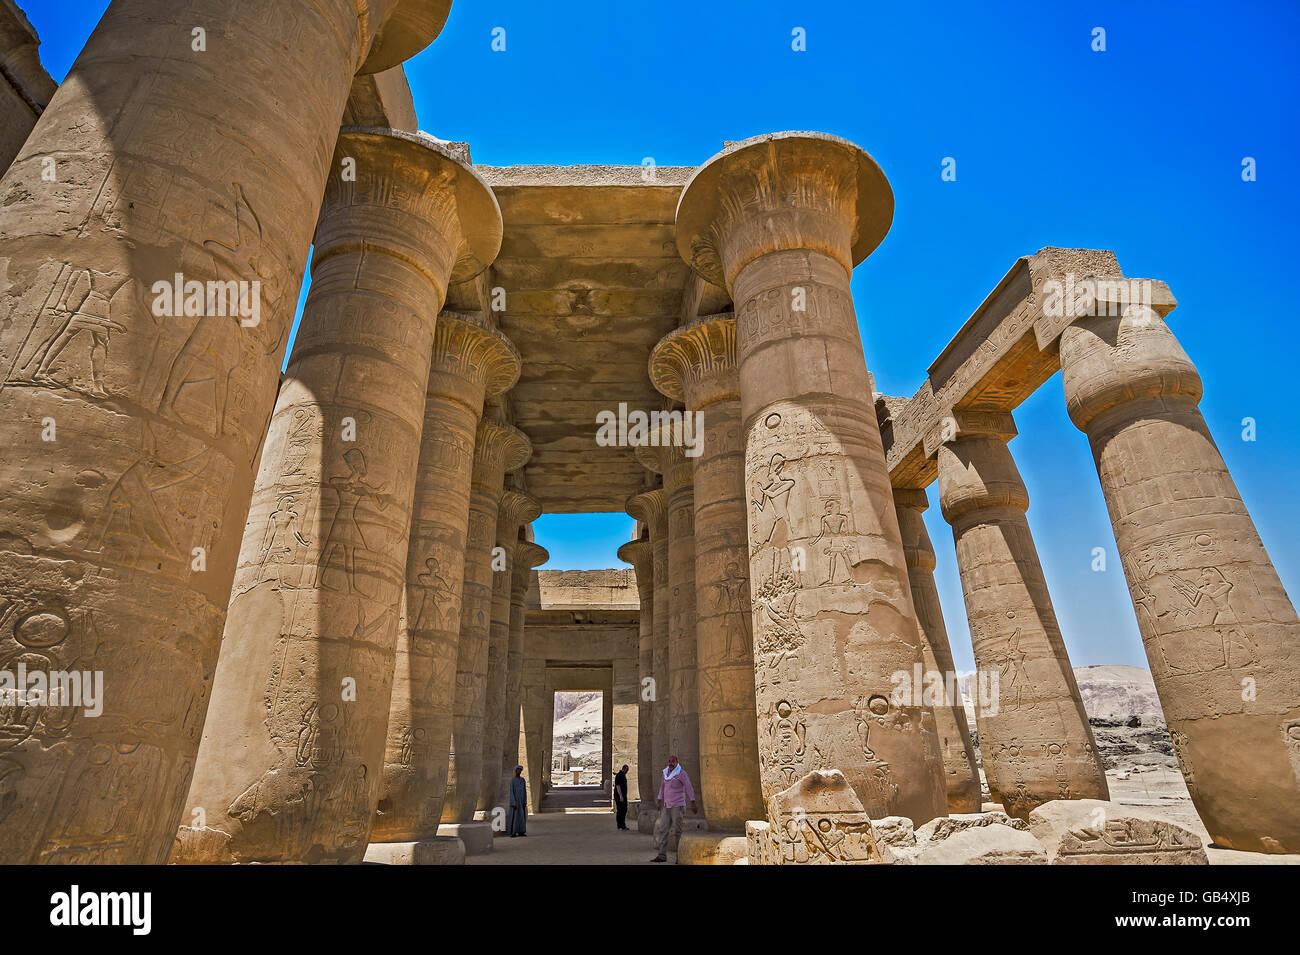 Arcade, Ramesseum Tempio di Luxor, Egitto Immagini Stock